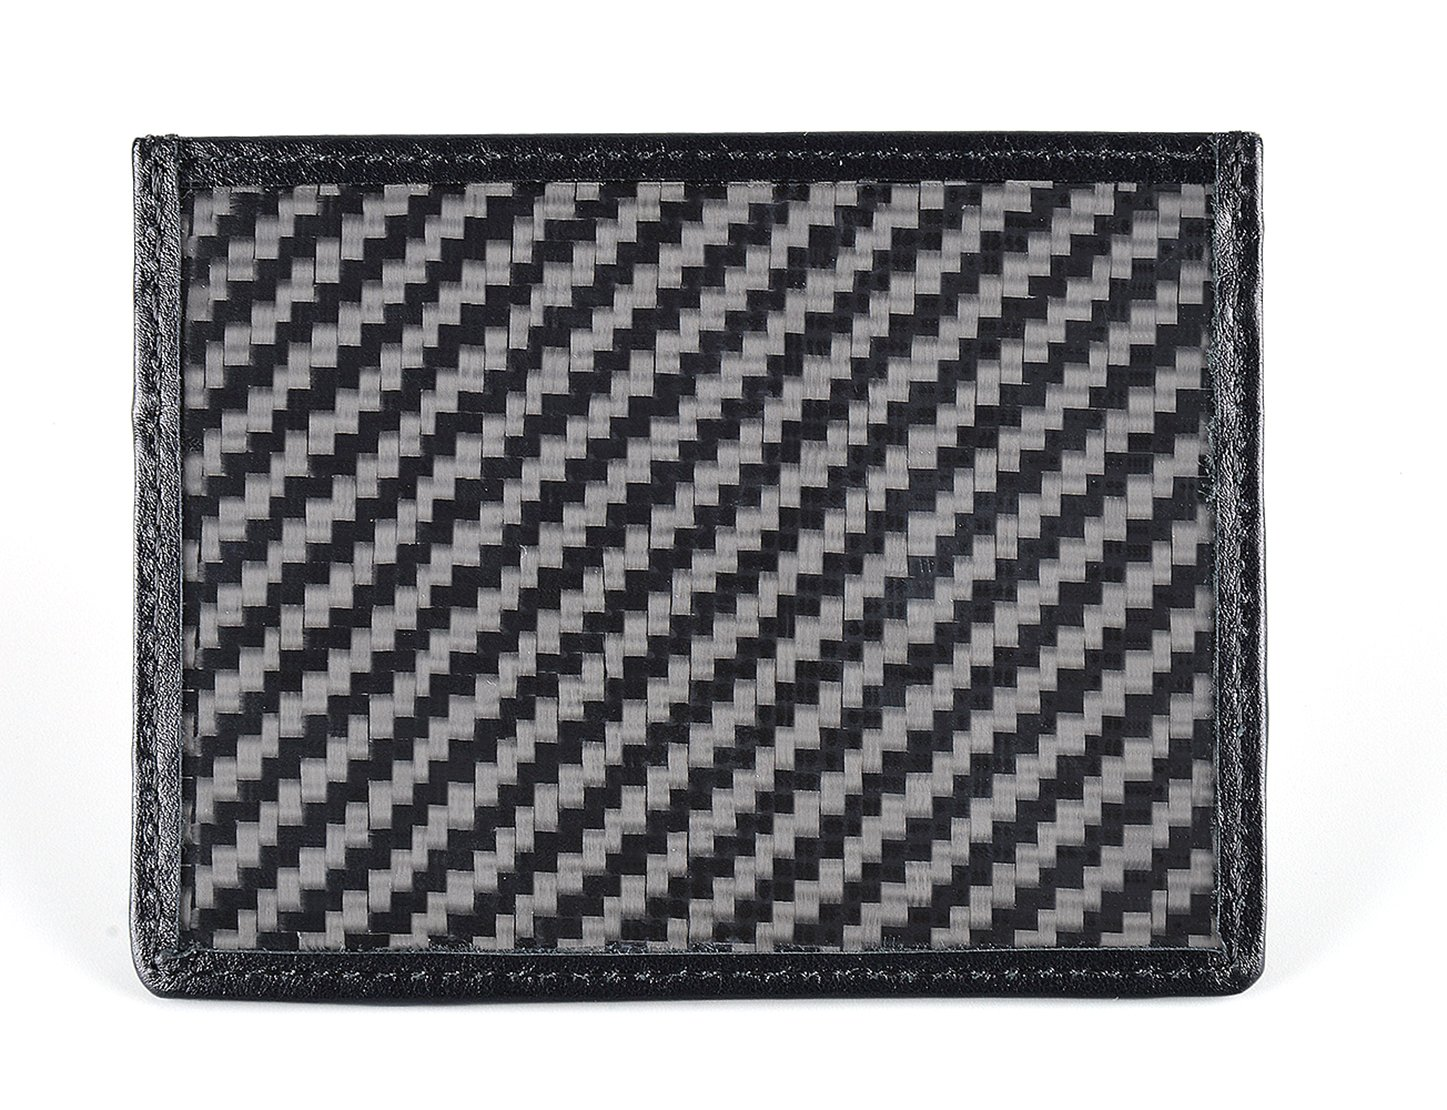 CL Carbonlife(TM) Carbon Fiber Credit Card Holder and Money Clip Wallet Simple